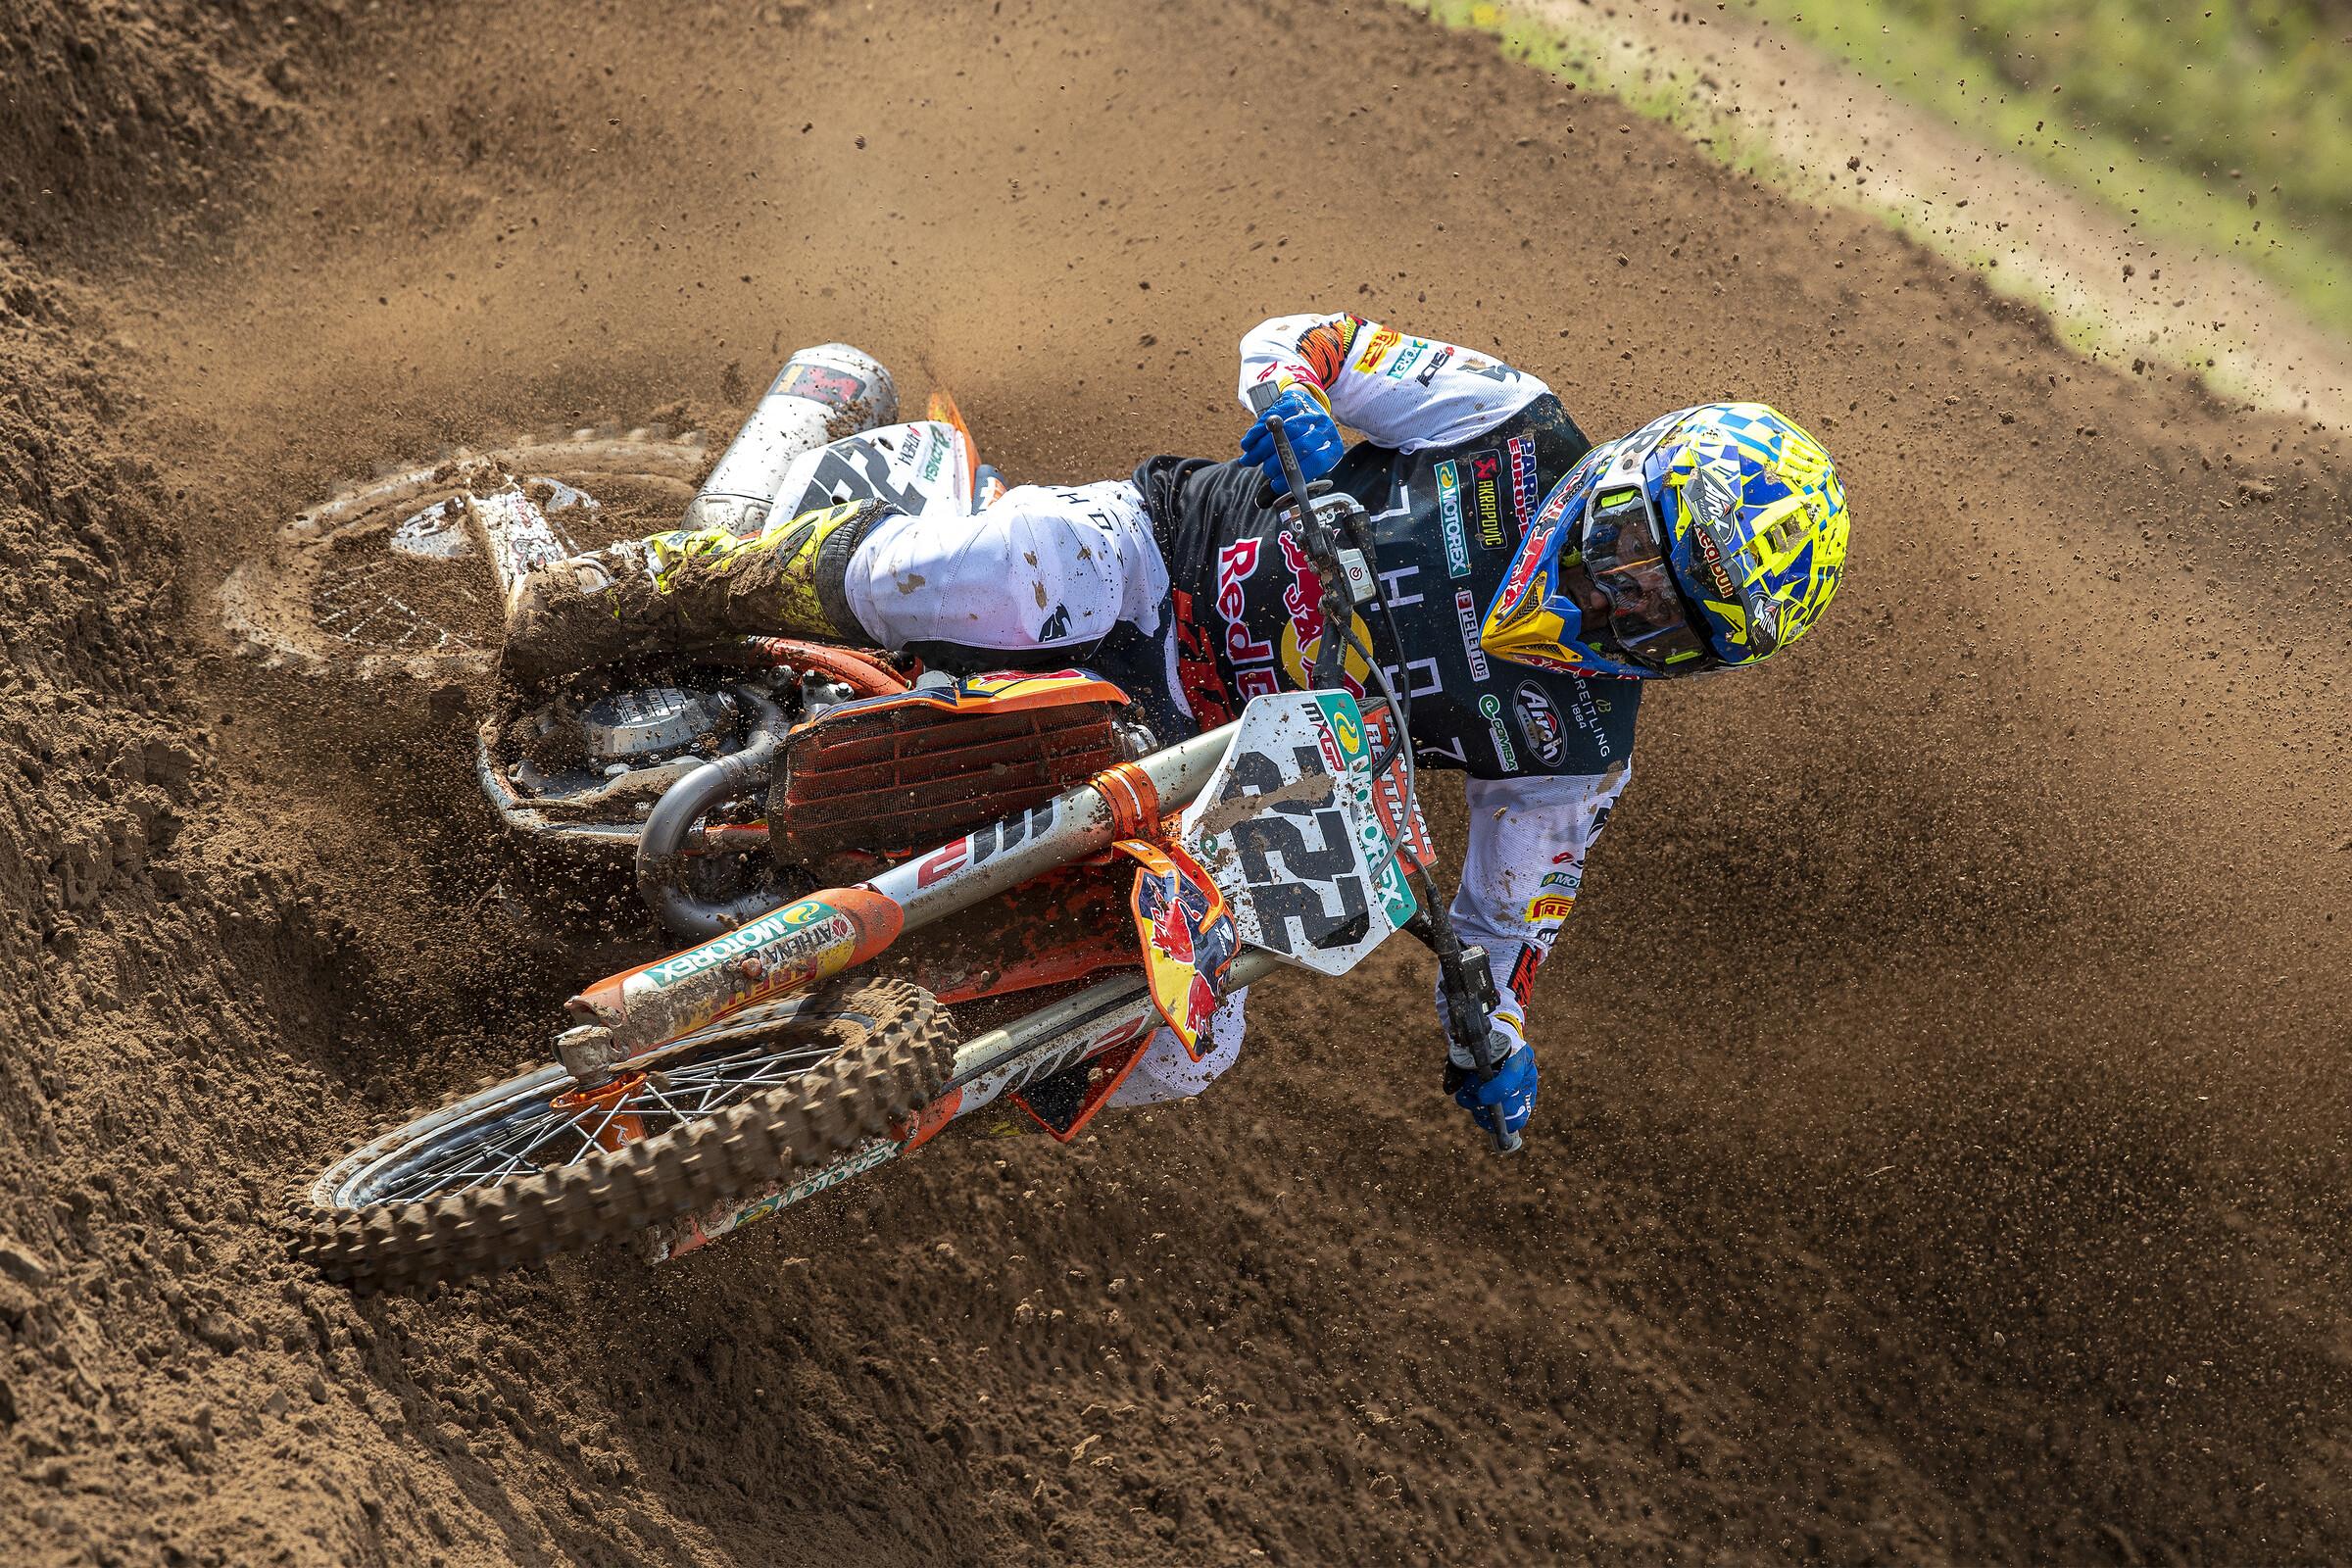 Cairoli at the MXGP of Latvia